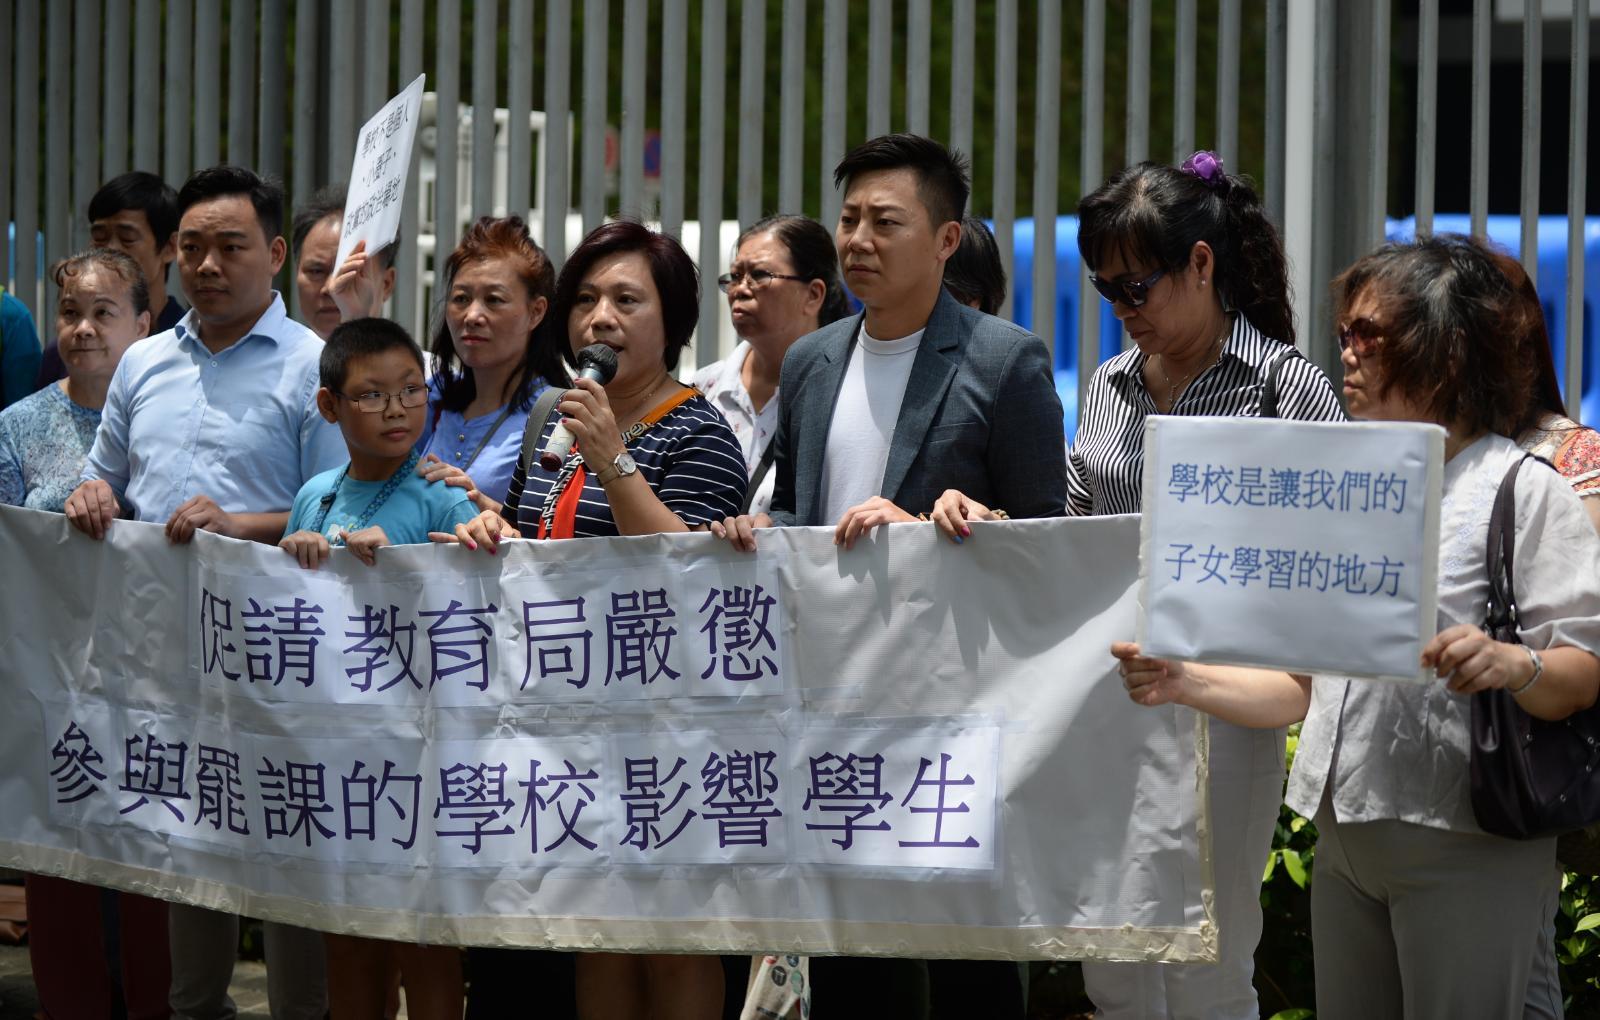 【逃犯条例】一批家长到政总请愿 促教育局惩处罢课学校及教师